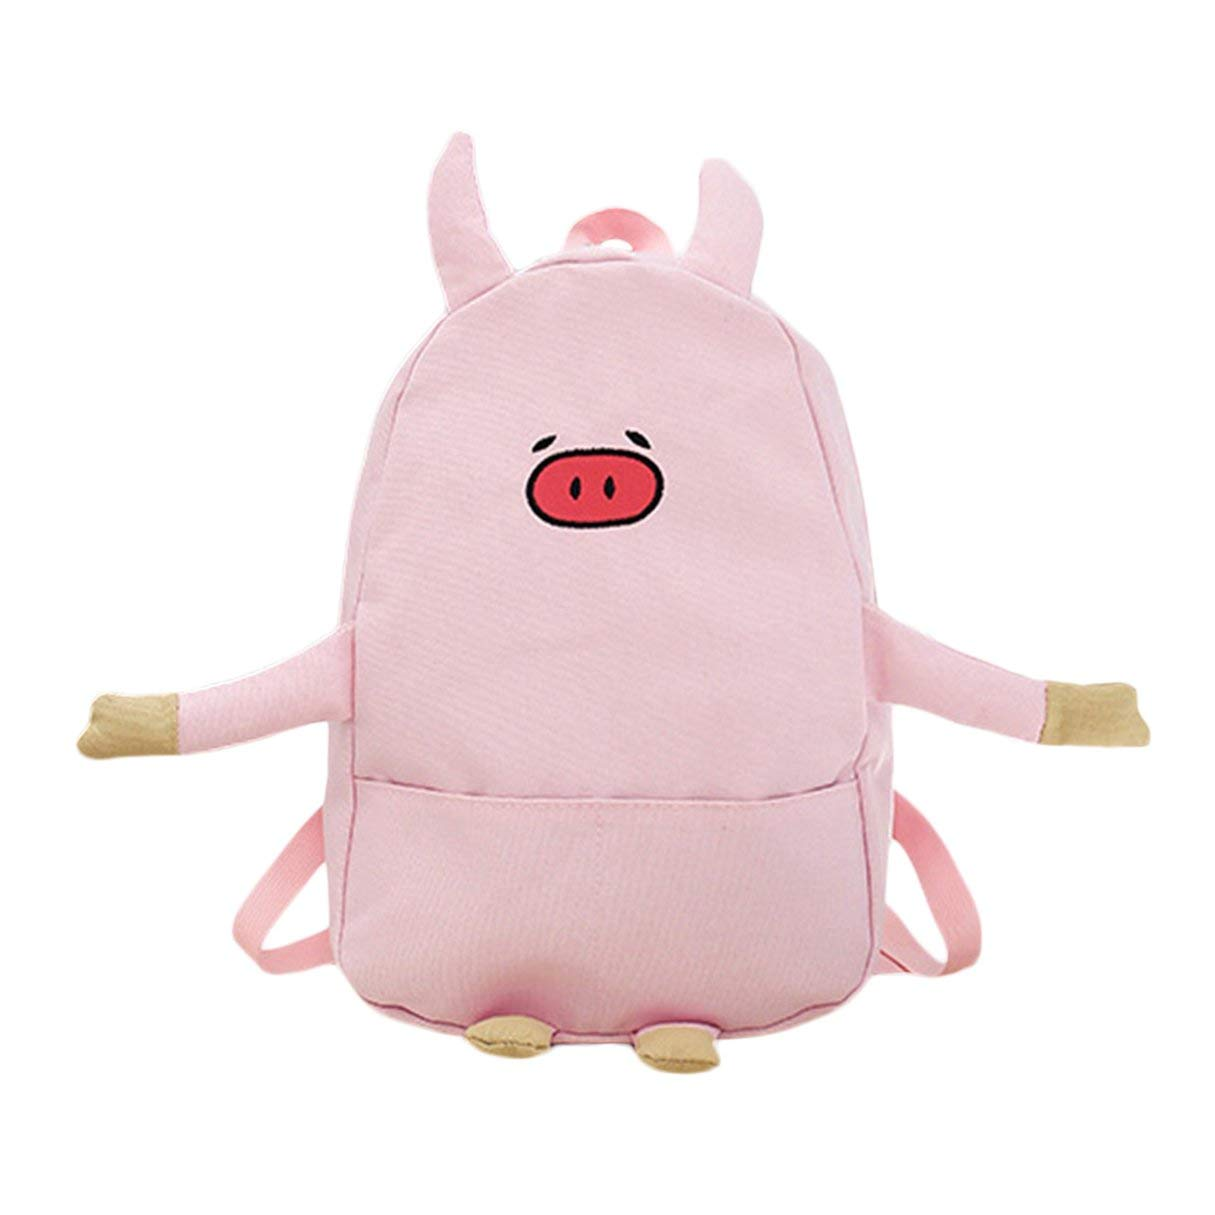 Wafalano Schö ne Nette Schwein Design Frauen Rucksack Junge Mä dchen Casual Leinwand Schultasche Cartoon Stickerei Rucksack Reisetasche